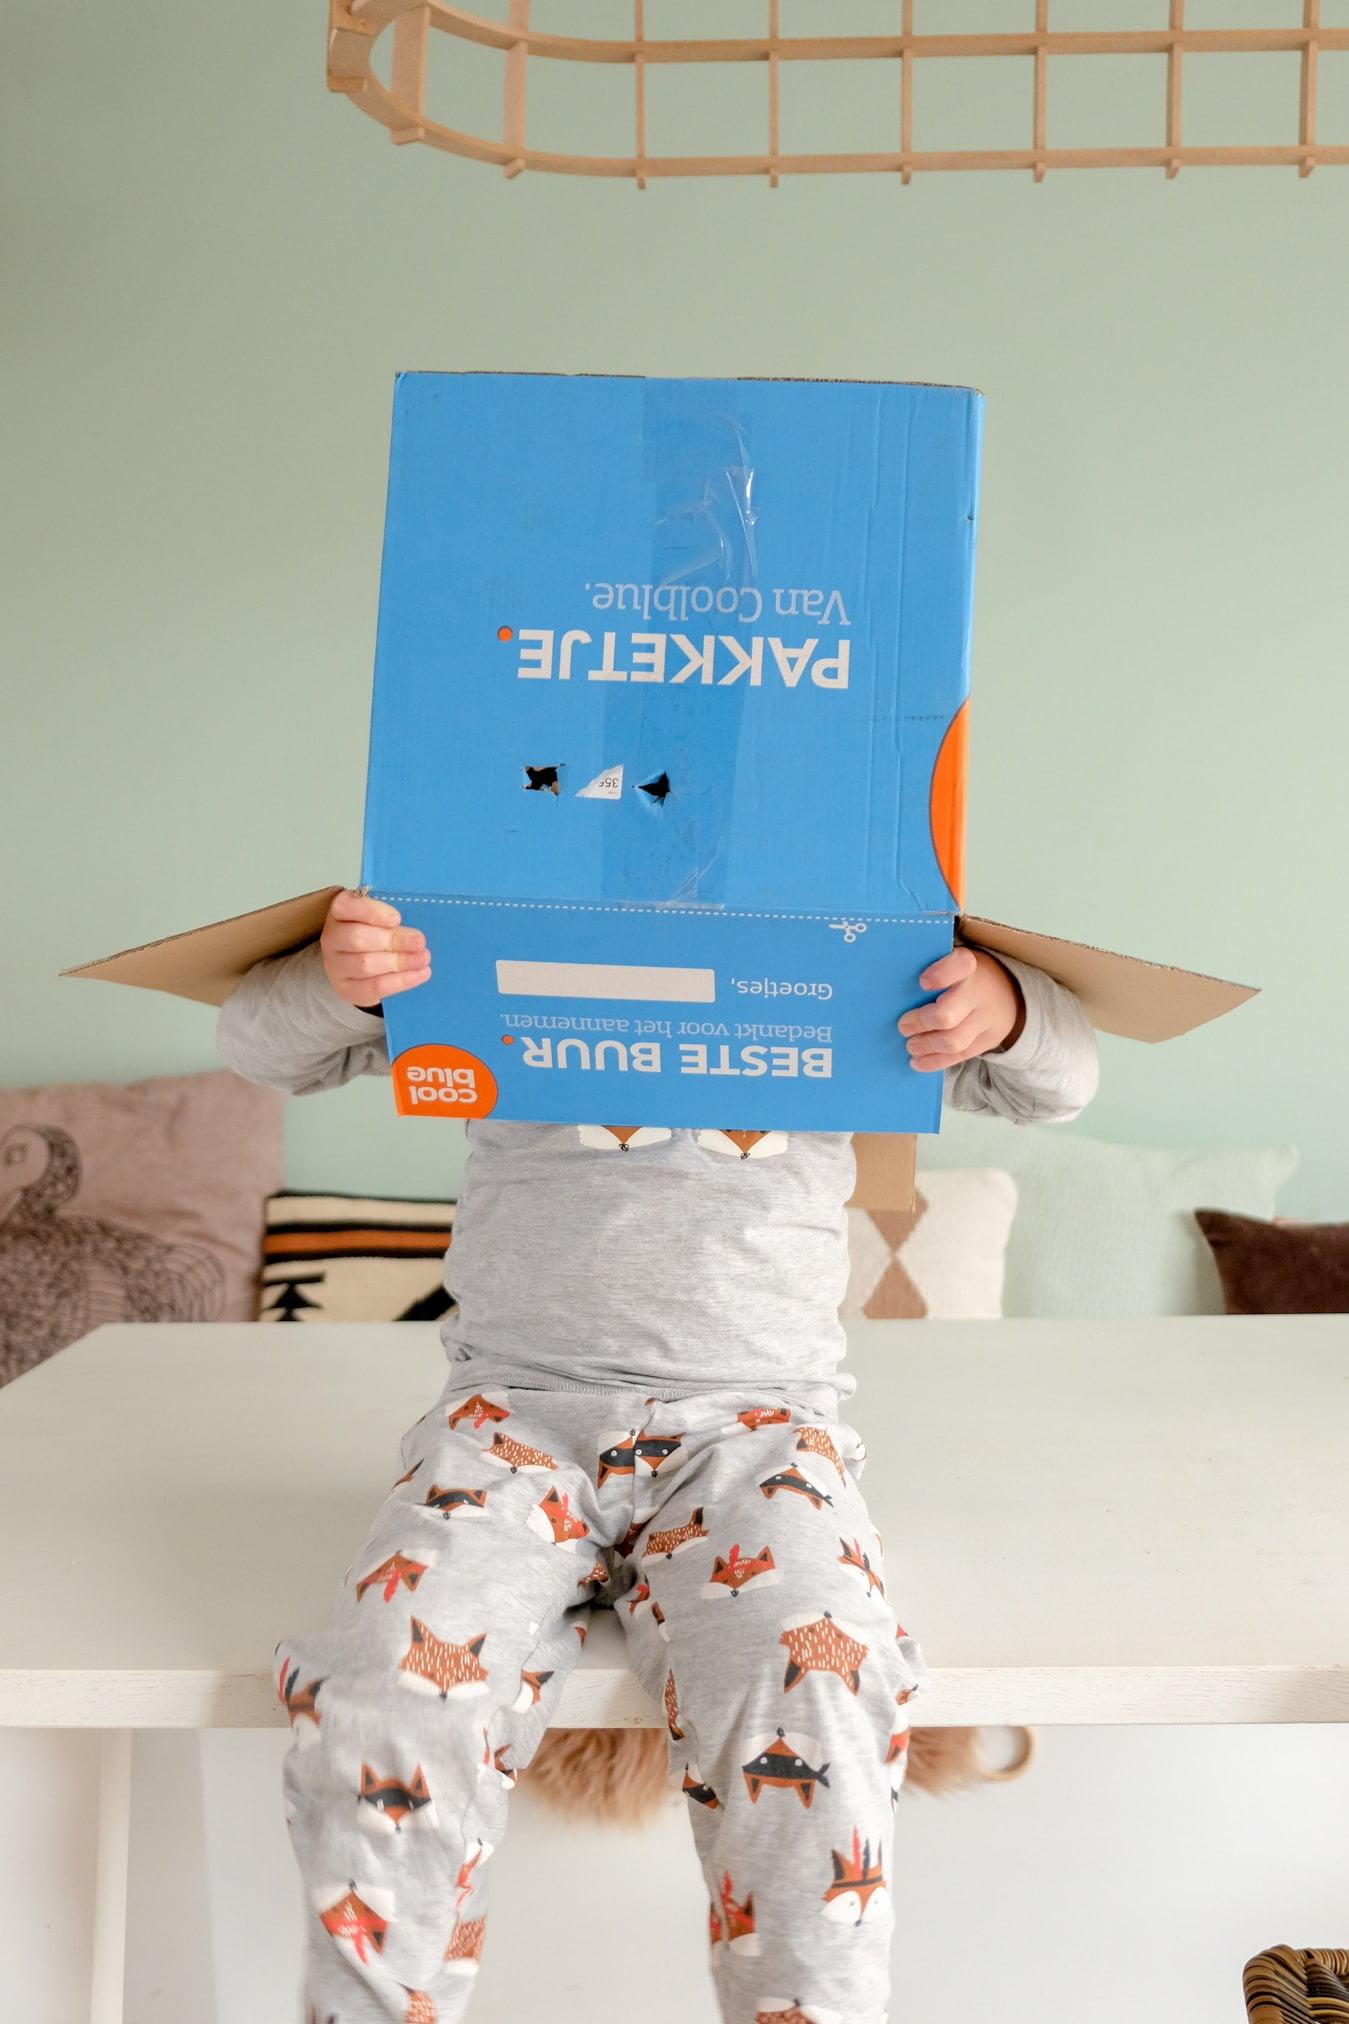 coolblue blauwe doos foto